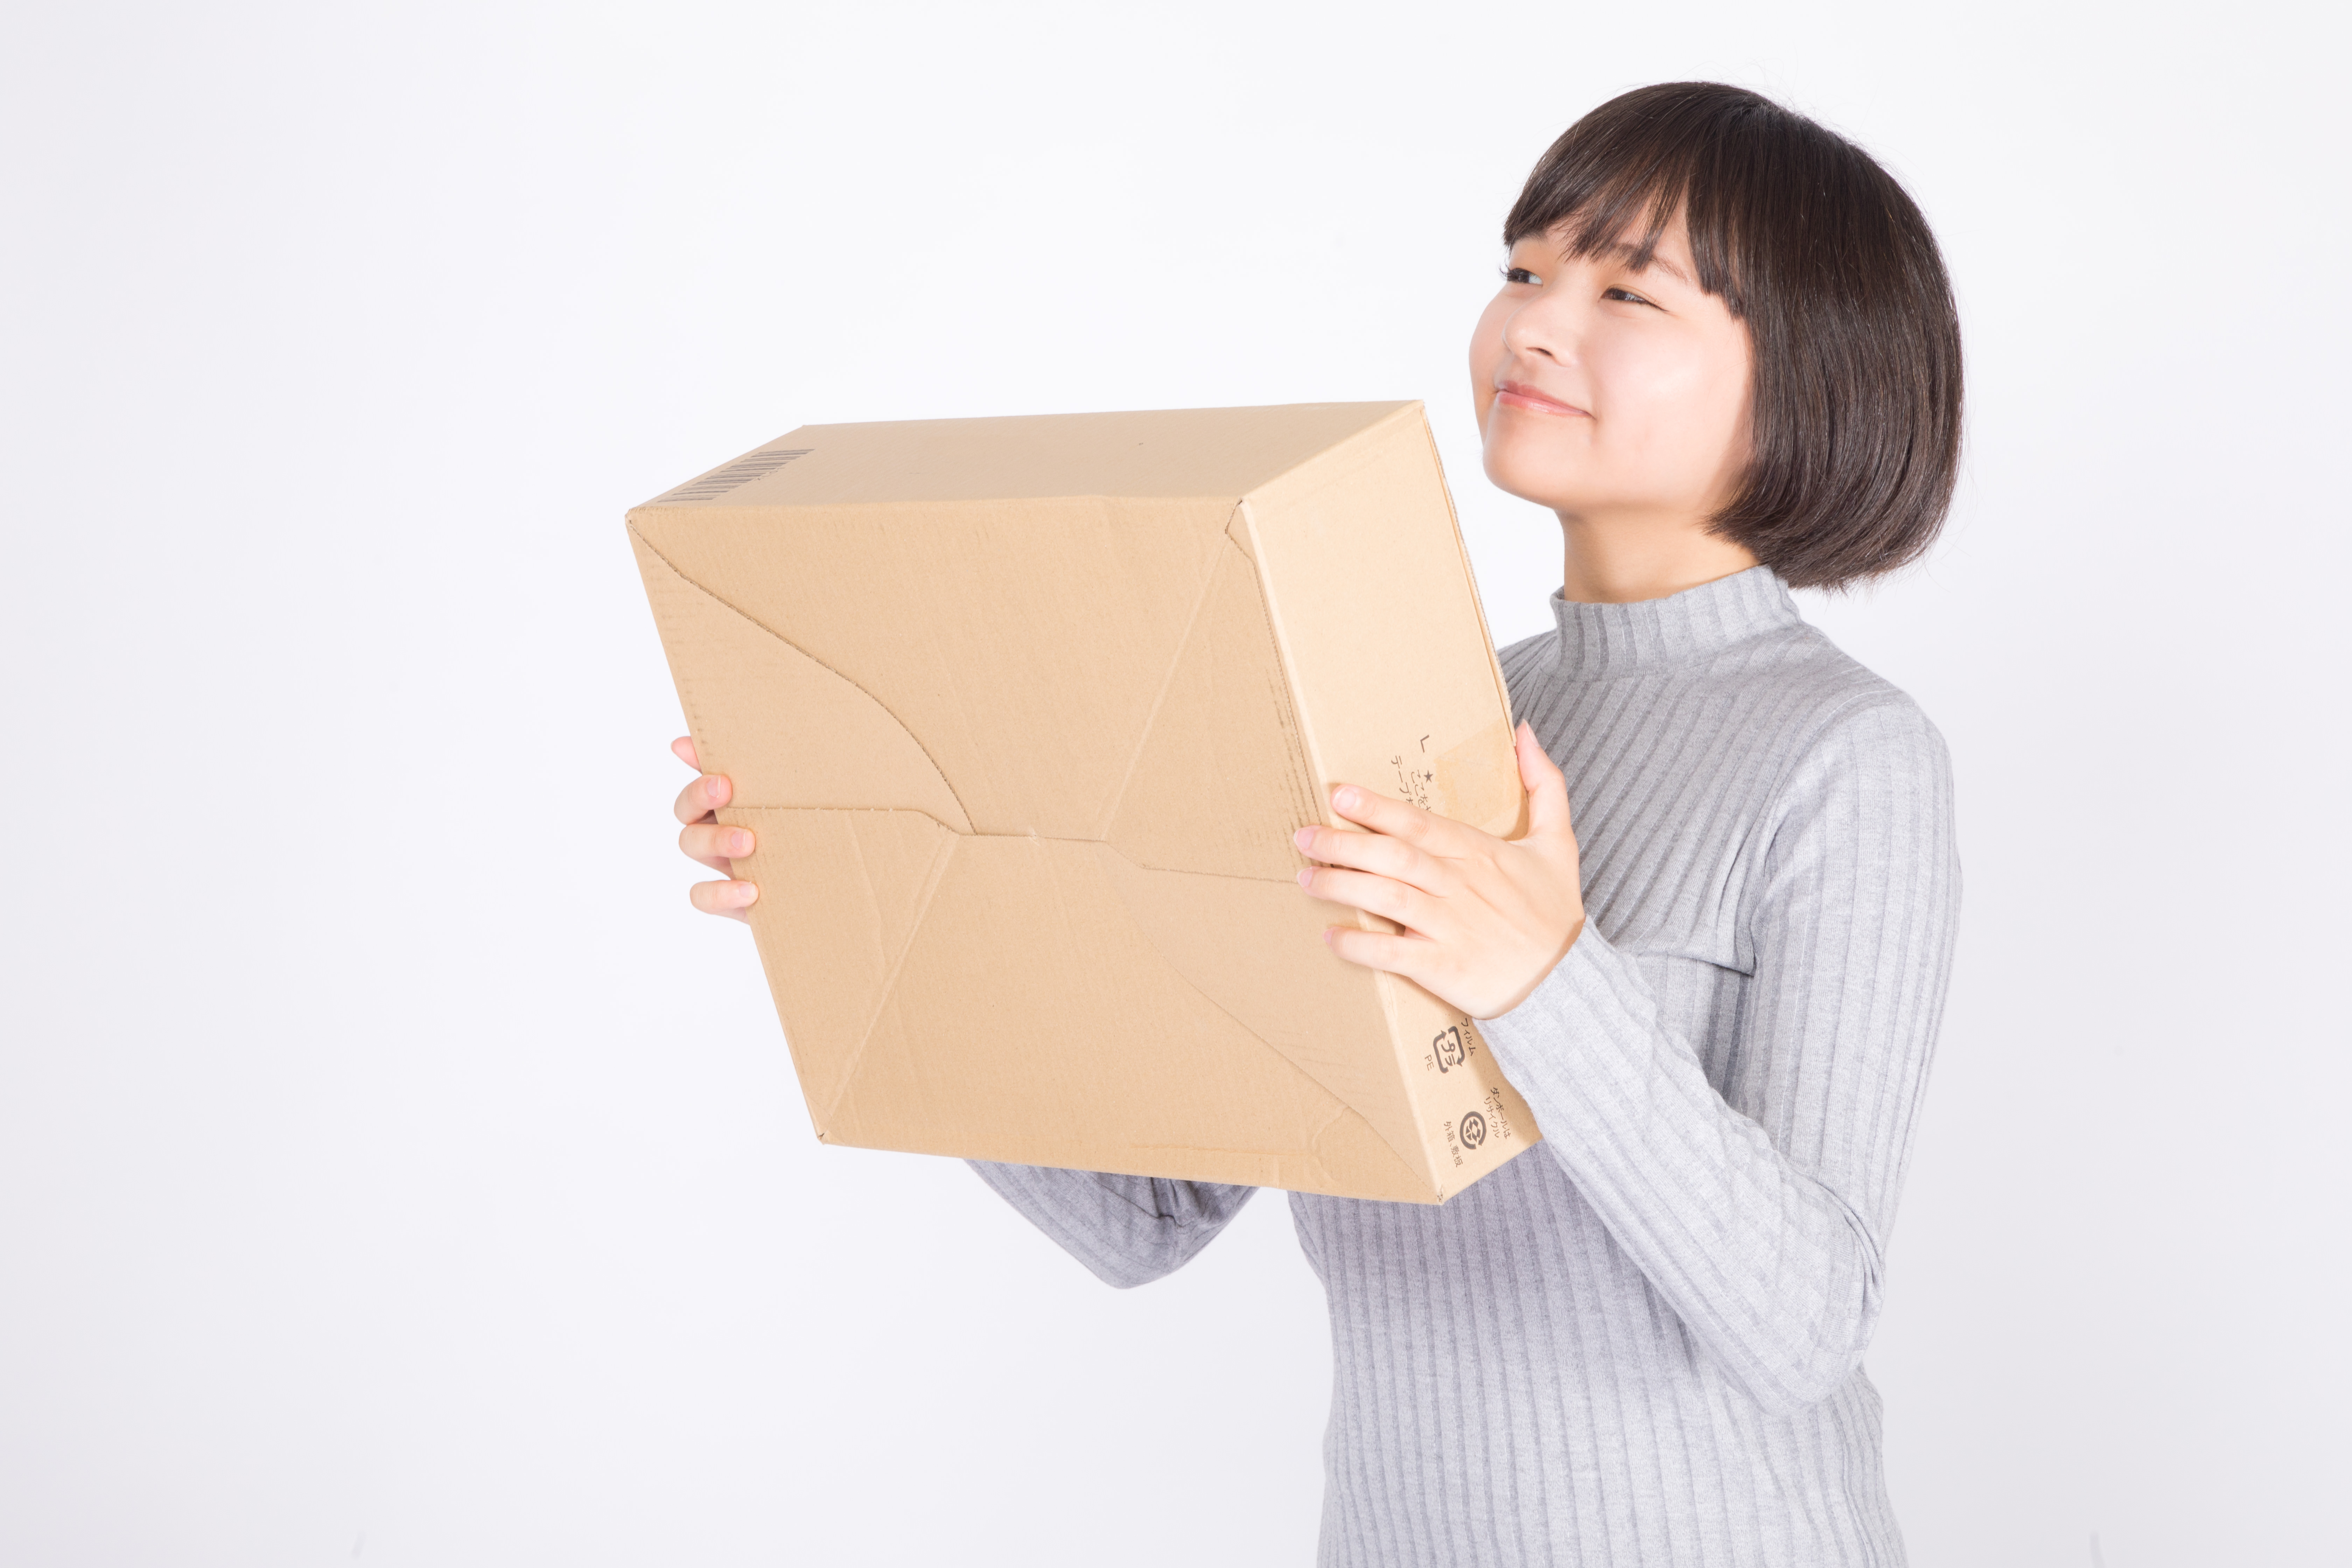 宅配買取で不用品を送る人